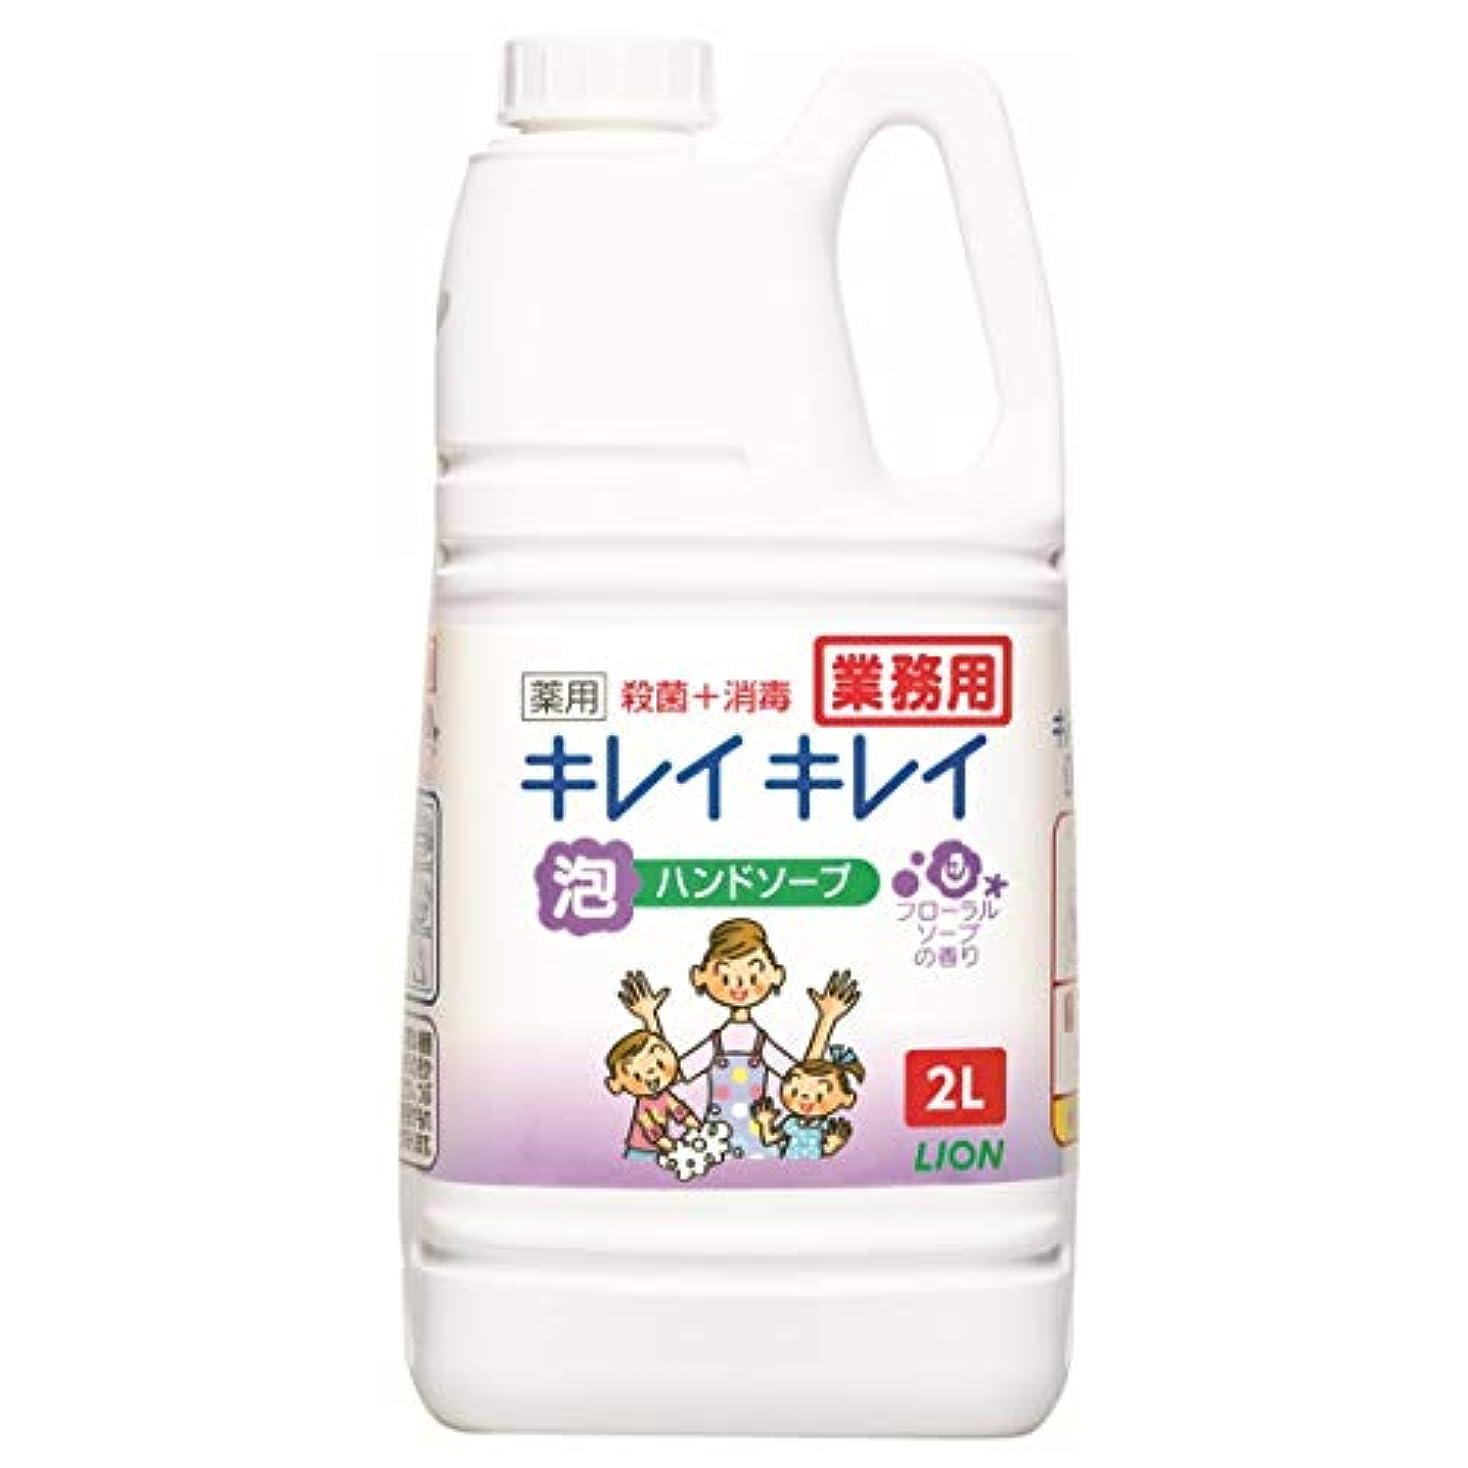 改善注入庭園【大容量】キレイキレイ 薬用泡ハンドソープ フローラルソープの香り 2L